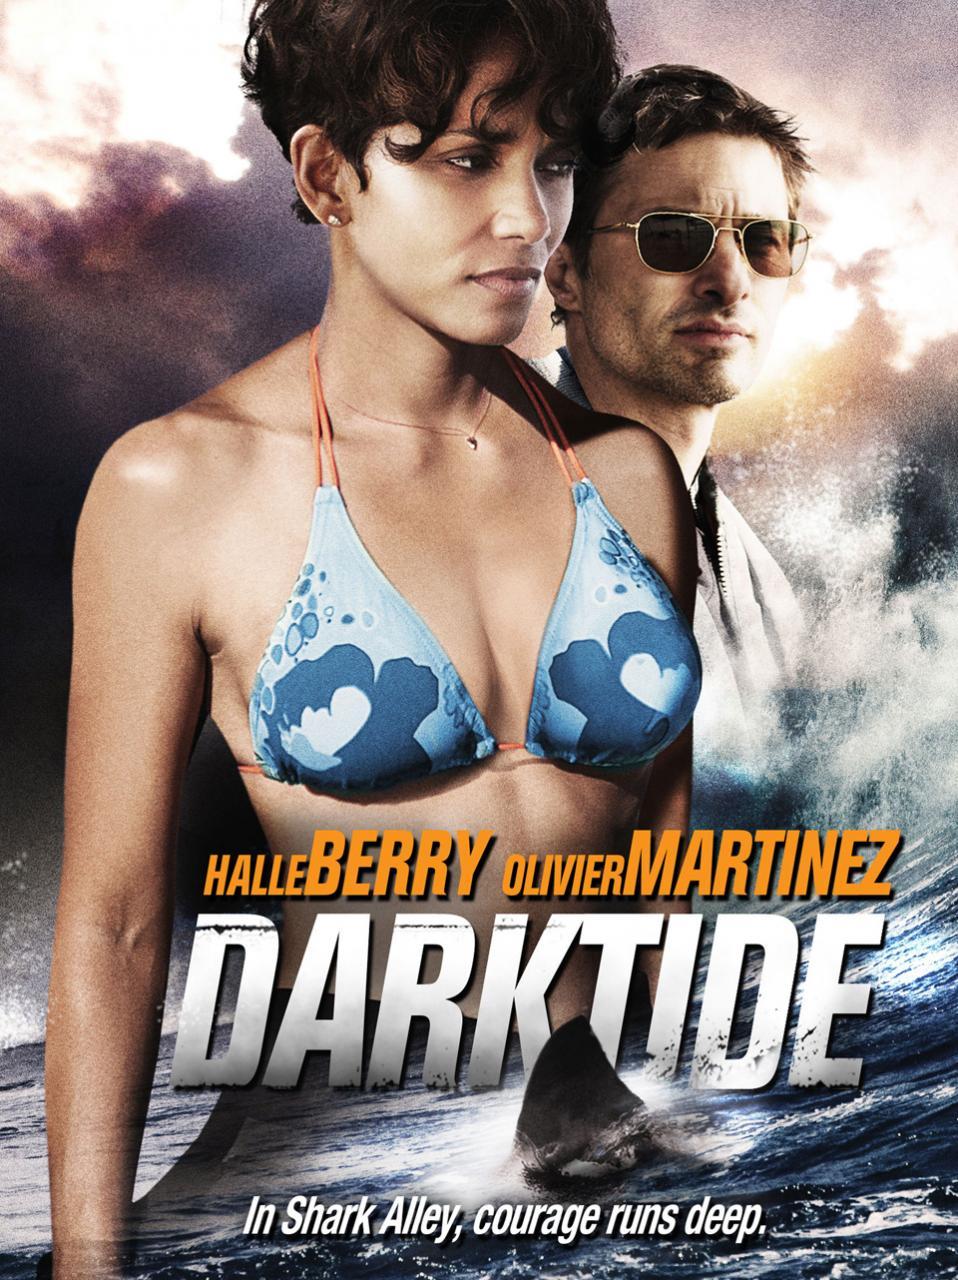 Dark Tide 2012 Free Online Movie Greek Subs